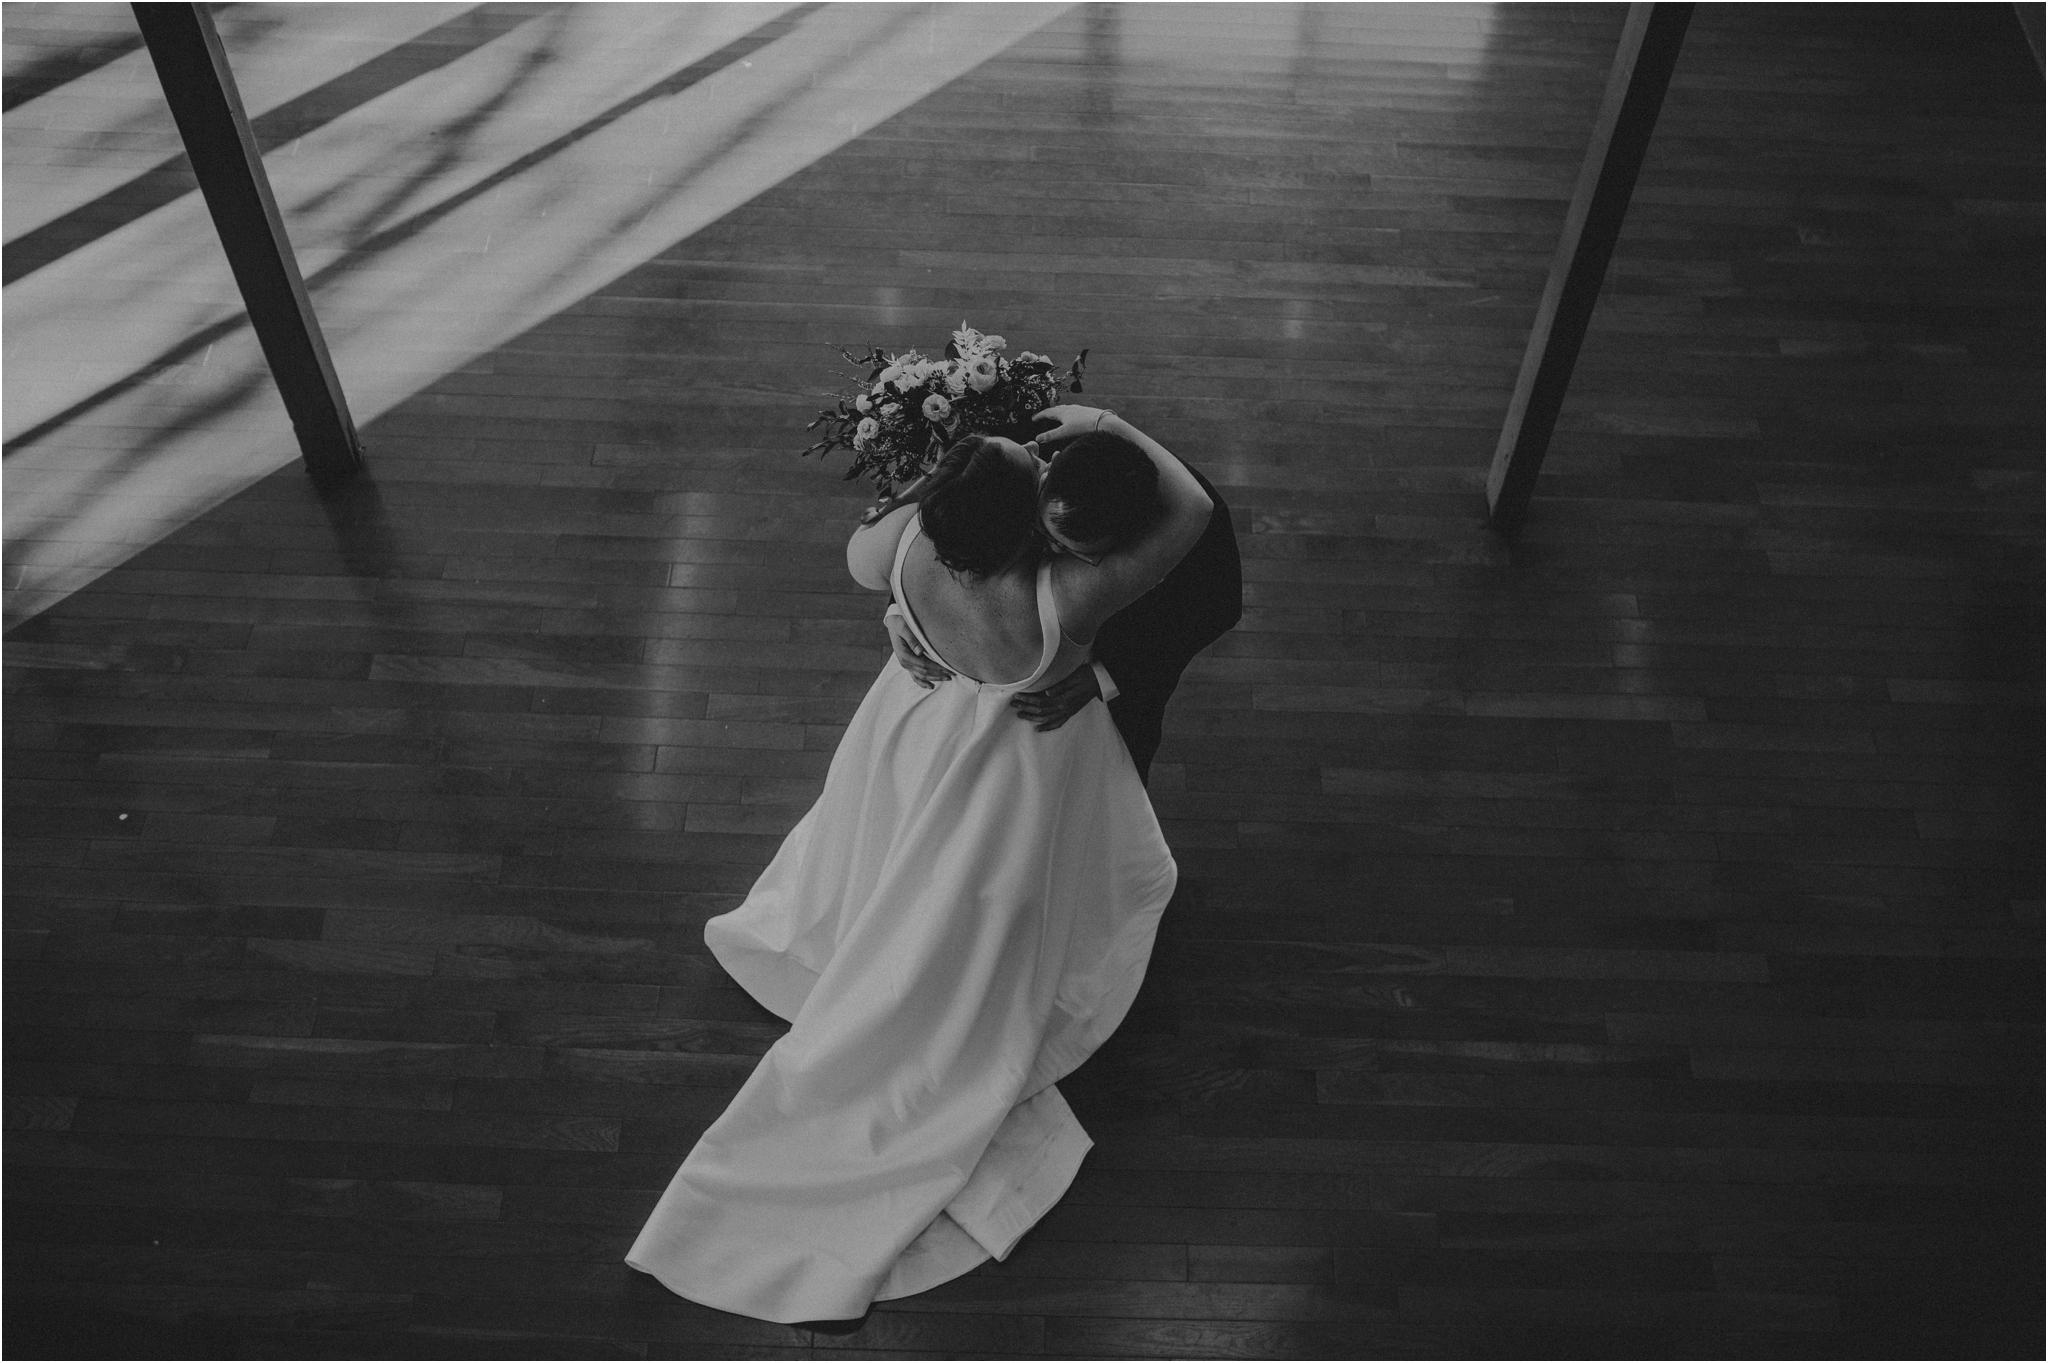 ashley-and-david-fremont-foundry-seattle-washington-wedding-photographer-057.jpg